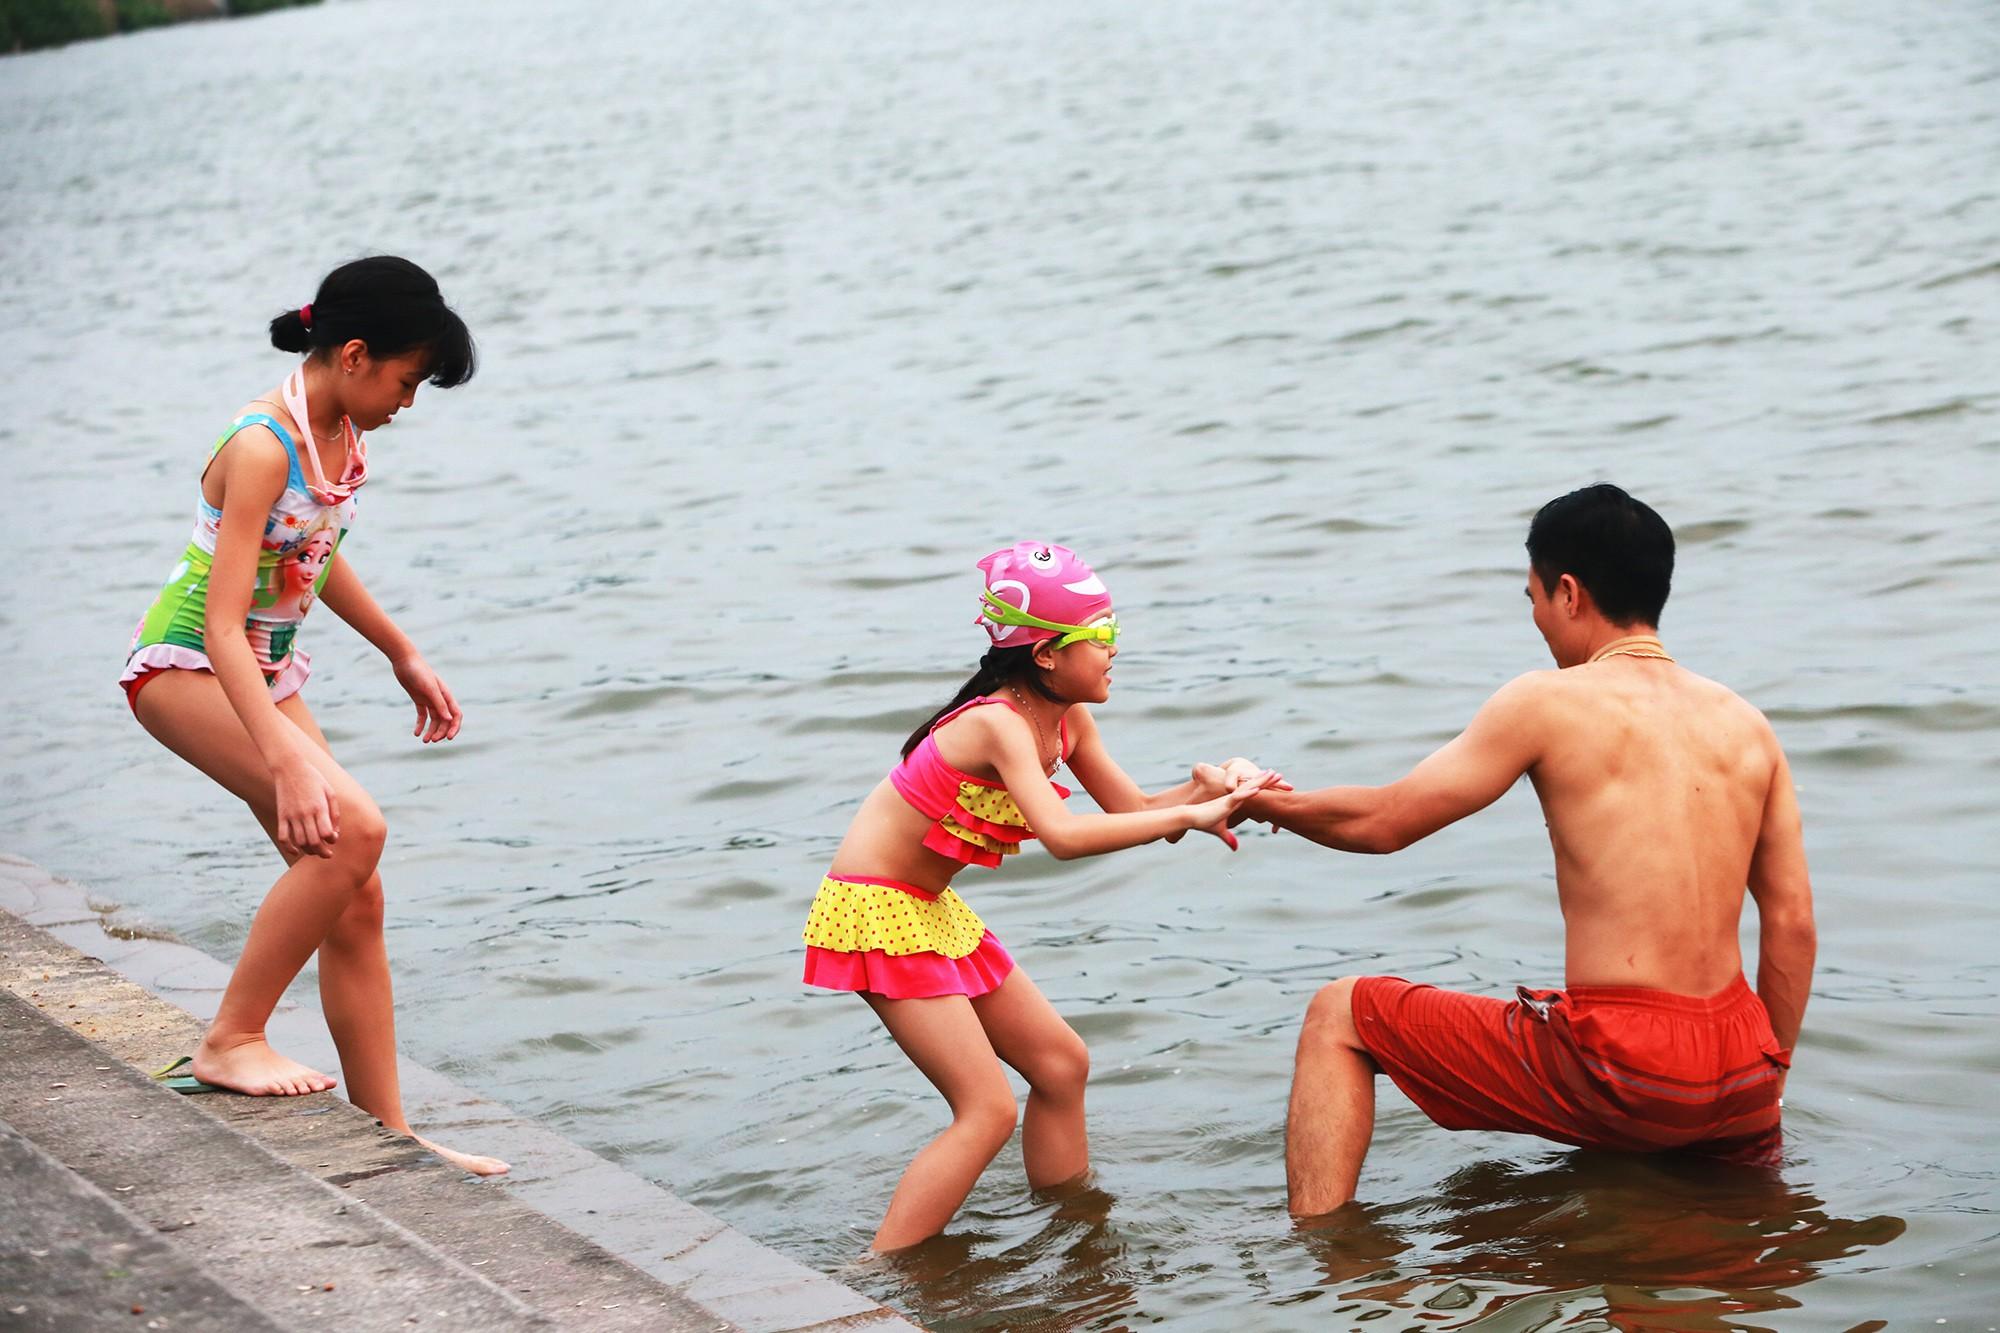 Hà Nội: Người lớn, trẻ nhỏ dắt nhau ra hồ Tây giải nhiệt ngày nắng nóng - Ảnh 11.